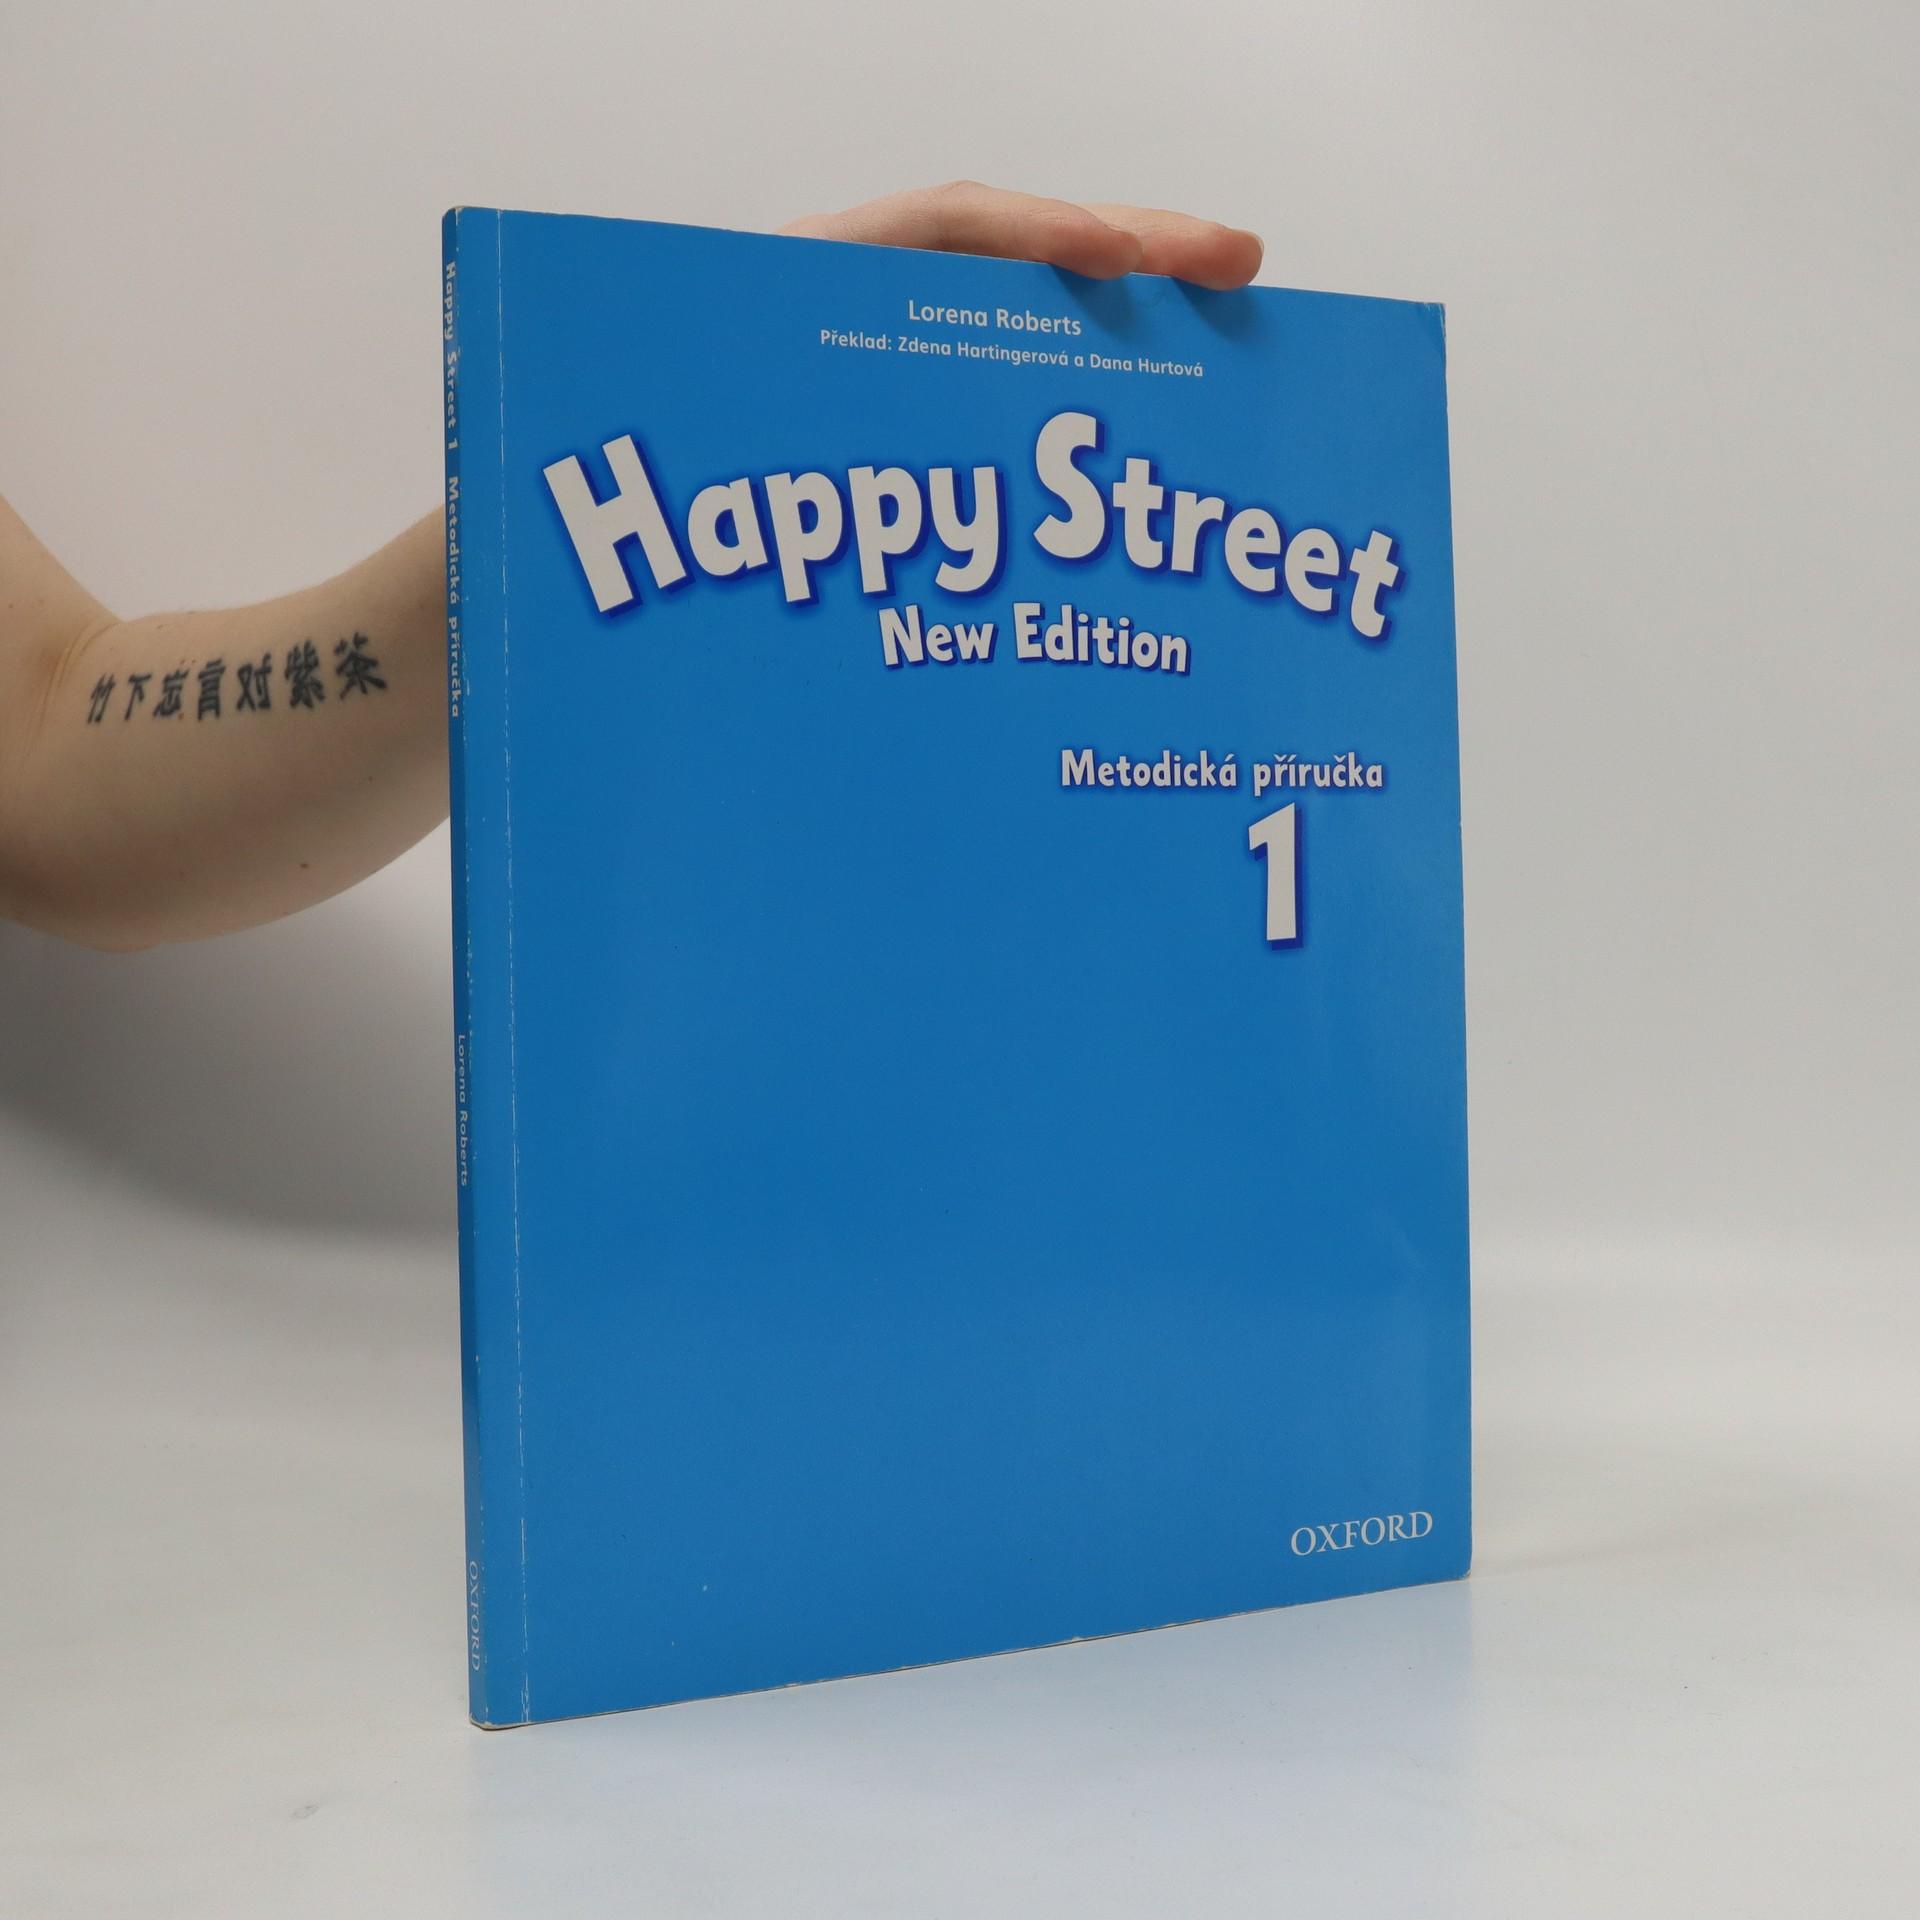 antikvární kniha Happy street 1 : new edition. Metodická příručka, neuveden